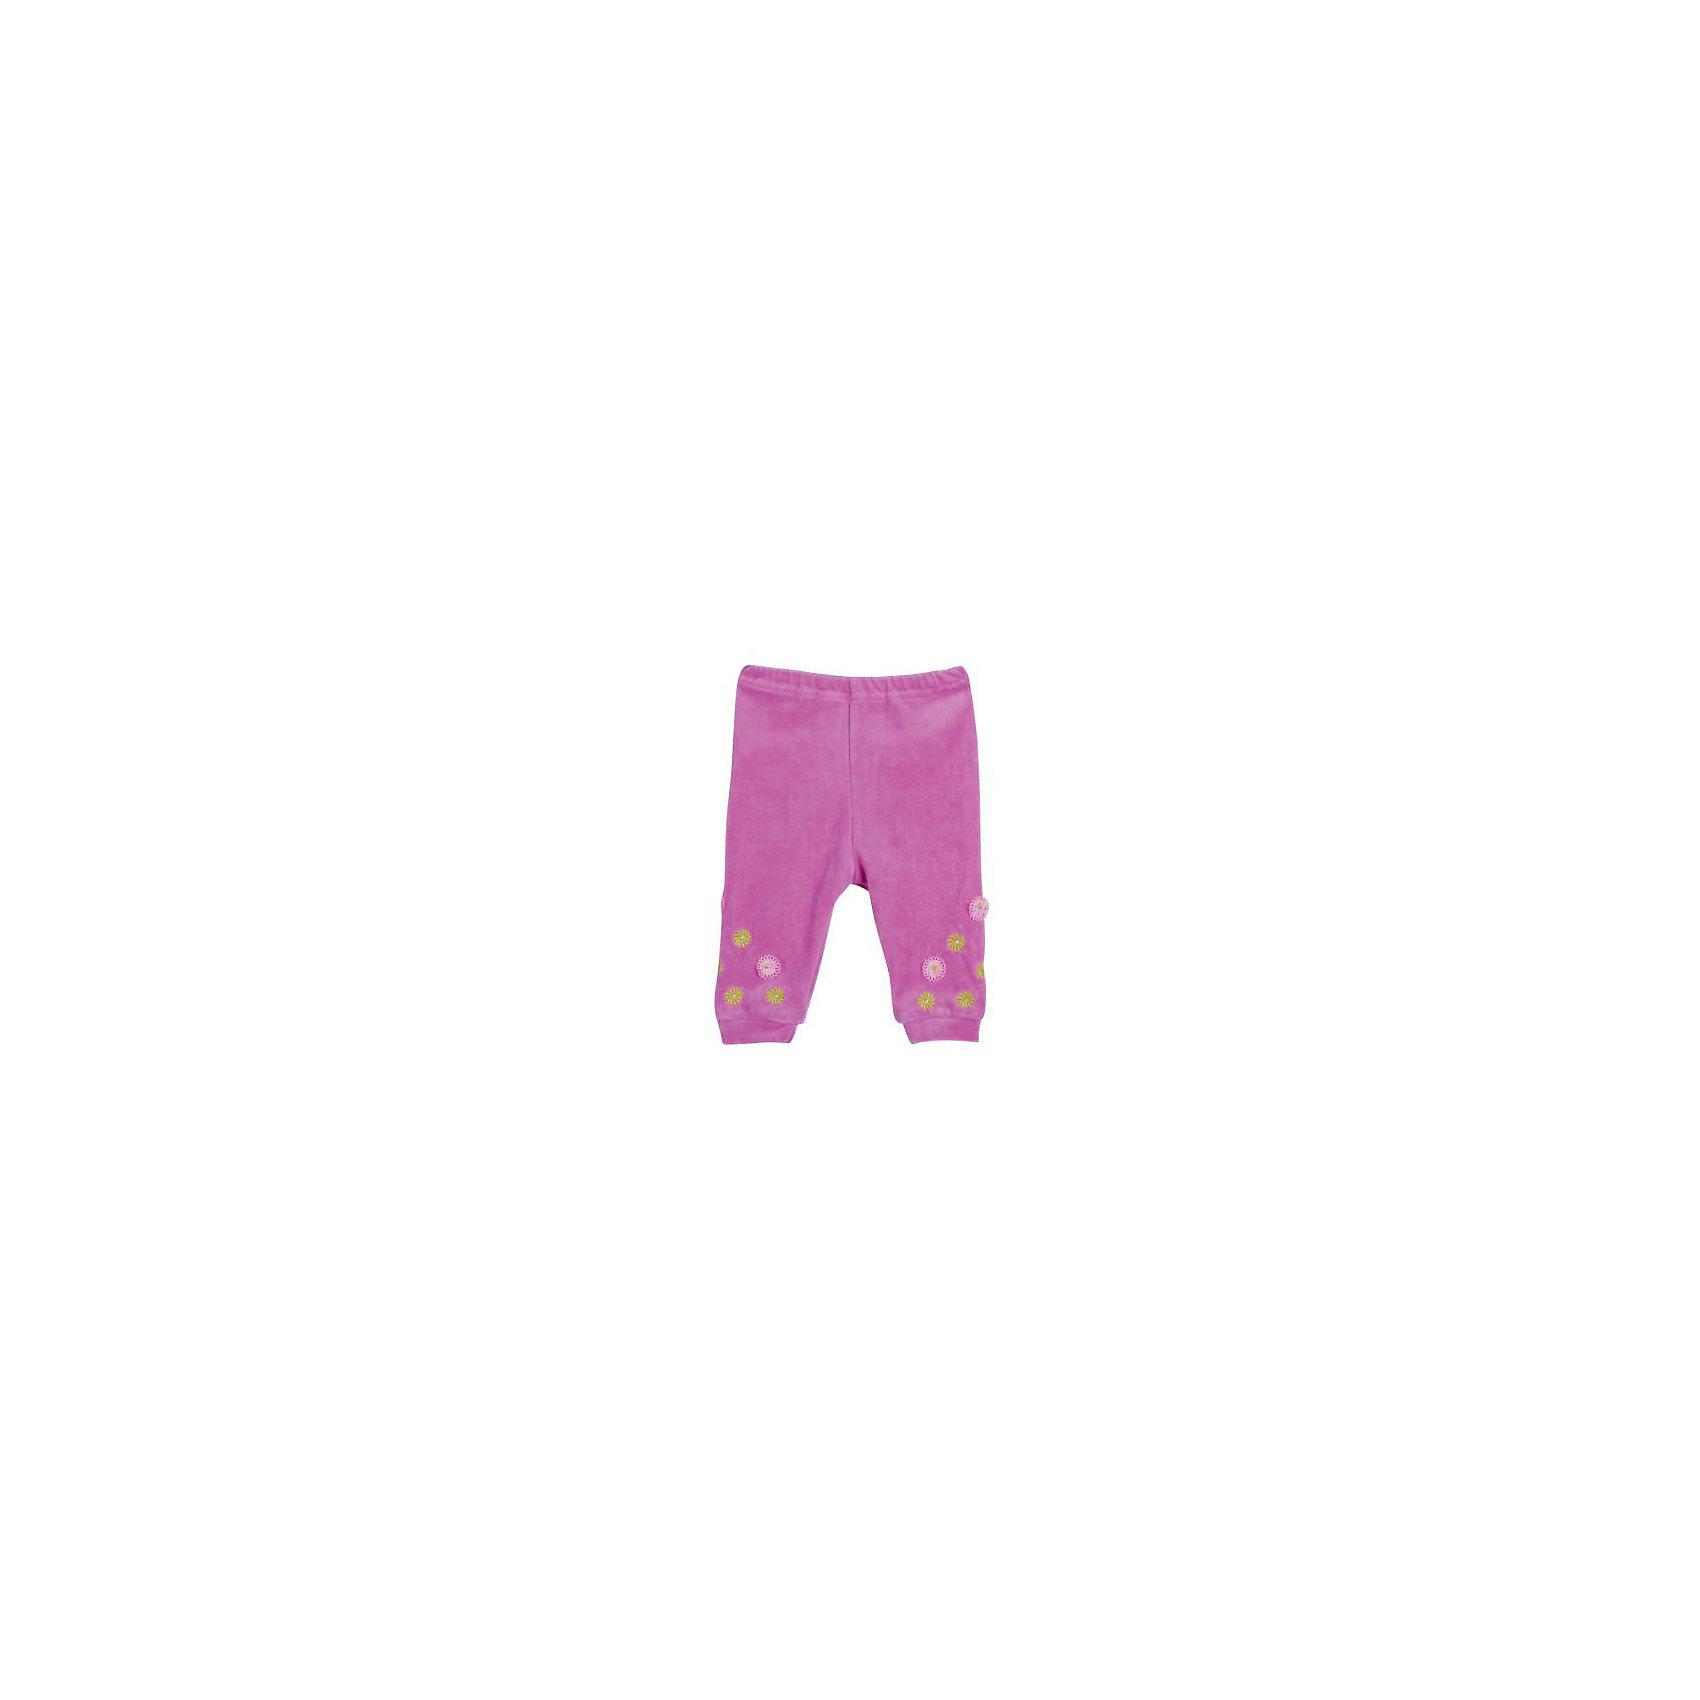 Брюки для девочки  для девочки БимошаБрюки для девочки  для девочки от марки Бимоша.<br>Однотонные брюки без боковых швов для девочки выполнены из качественного материала (велюр). Модель дополнена  вышивкой,аппликацией. <br>Состав:<br>велюр 80% хлопок, 20% ПЭ.<br><br>Ширина мм: 157<br>Глубина мм: 13<br>Высота мм: 119<br>Вес г: 200<br>Цвет: розовый<br>Возраст от месяцев: 6<br>Возраст до месяцев: 9<br>Пол: Женский<br>Возраст: Детский<br>Размер: 86,74,80,68,62<br>SKU: 4579527